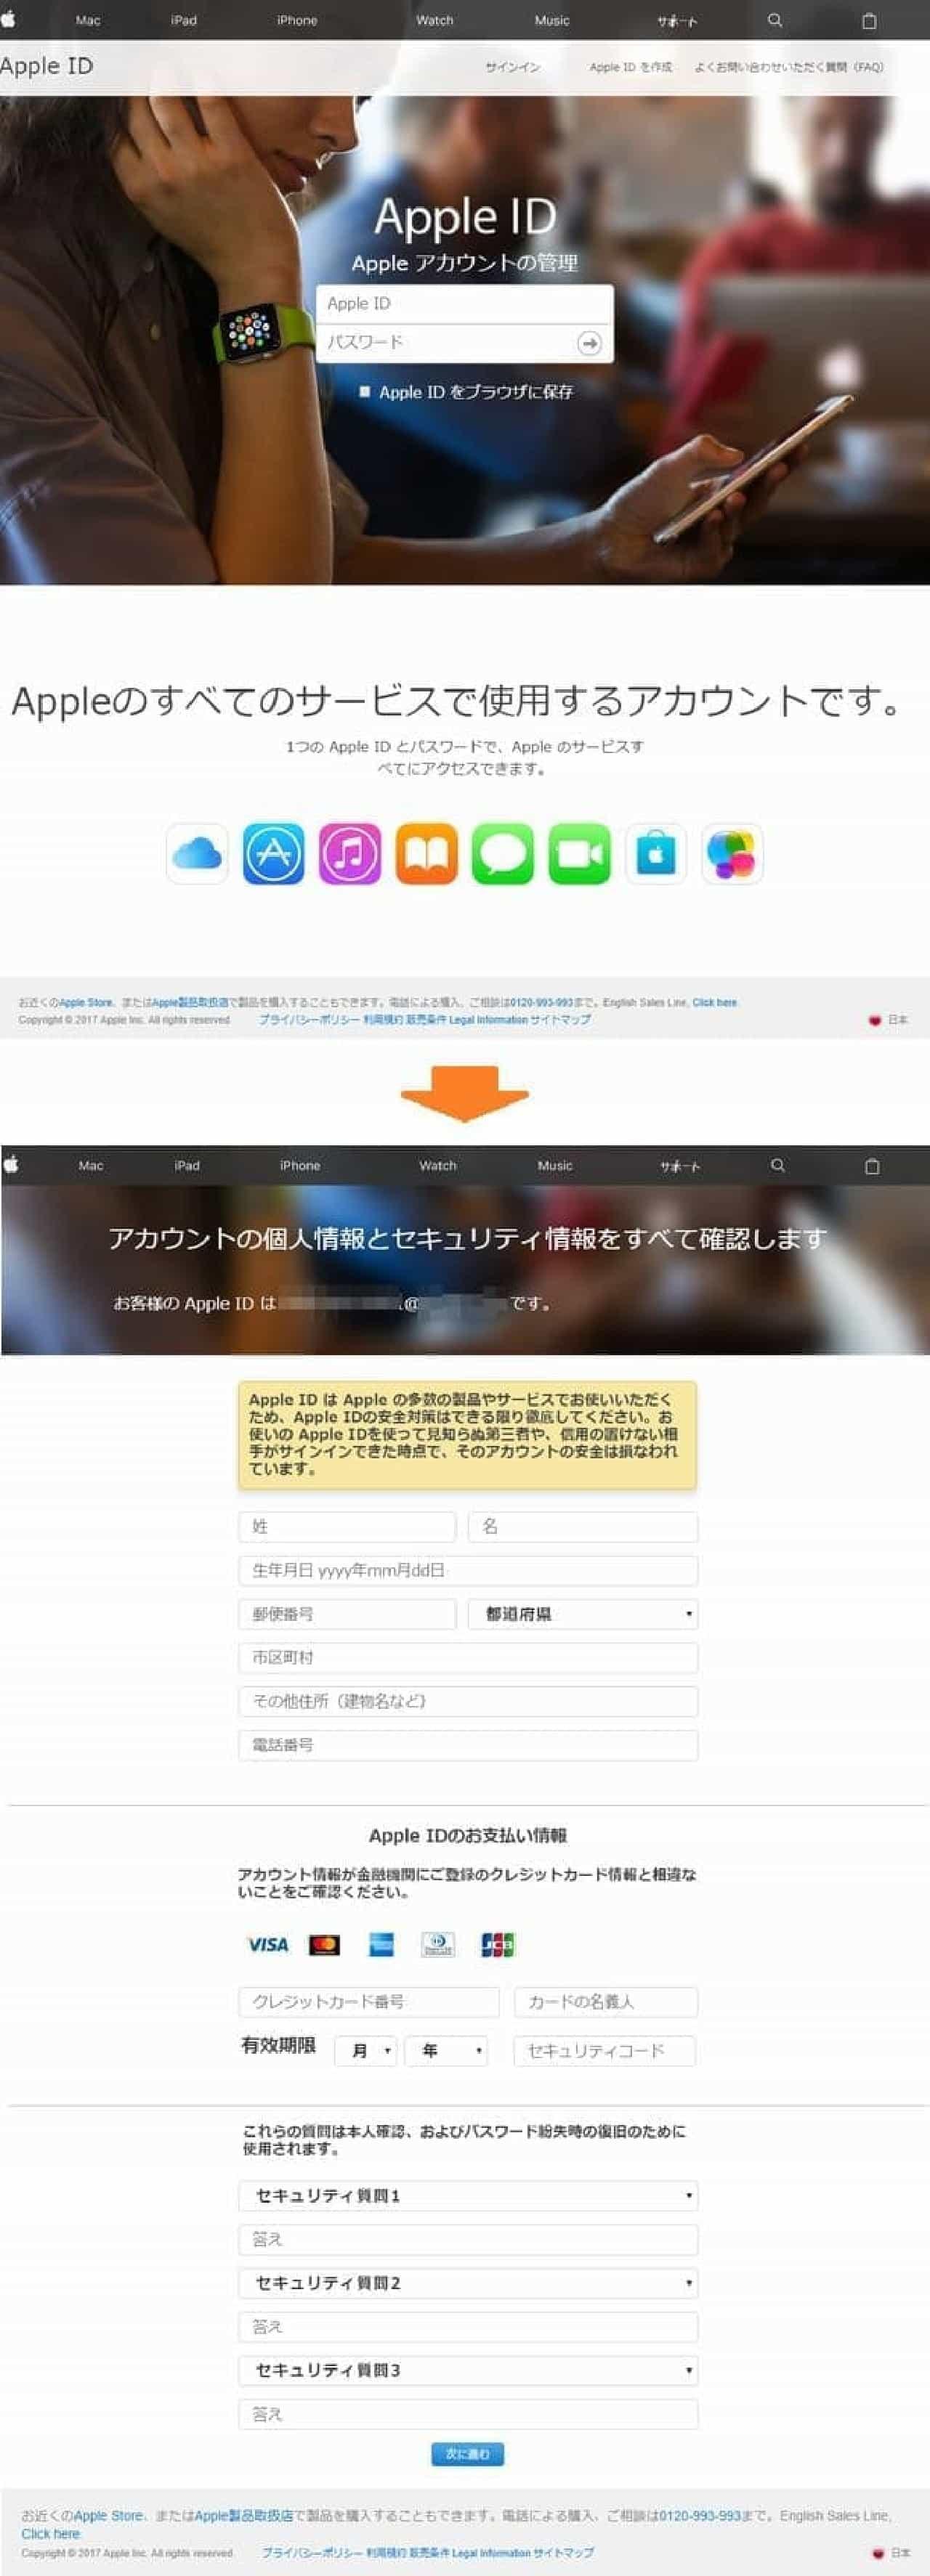 詐欺サイトのイメージ